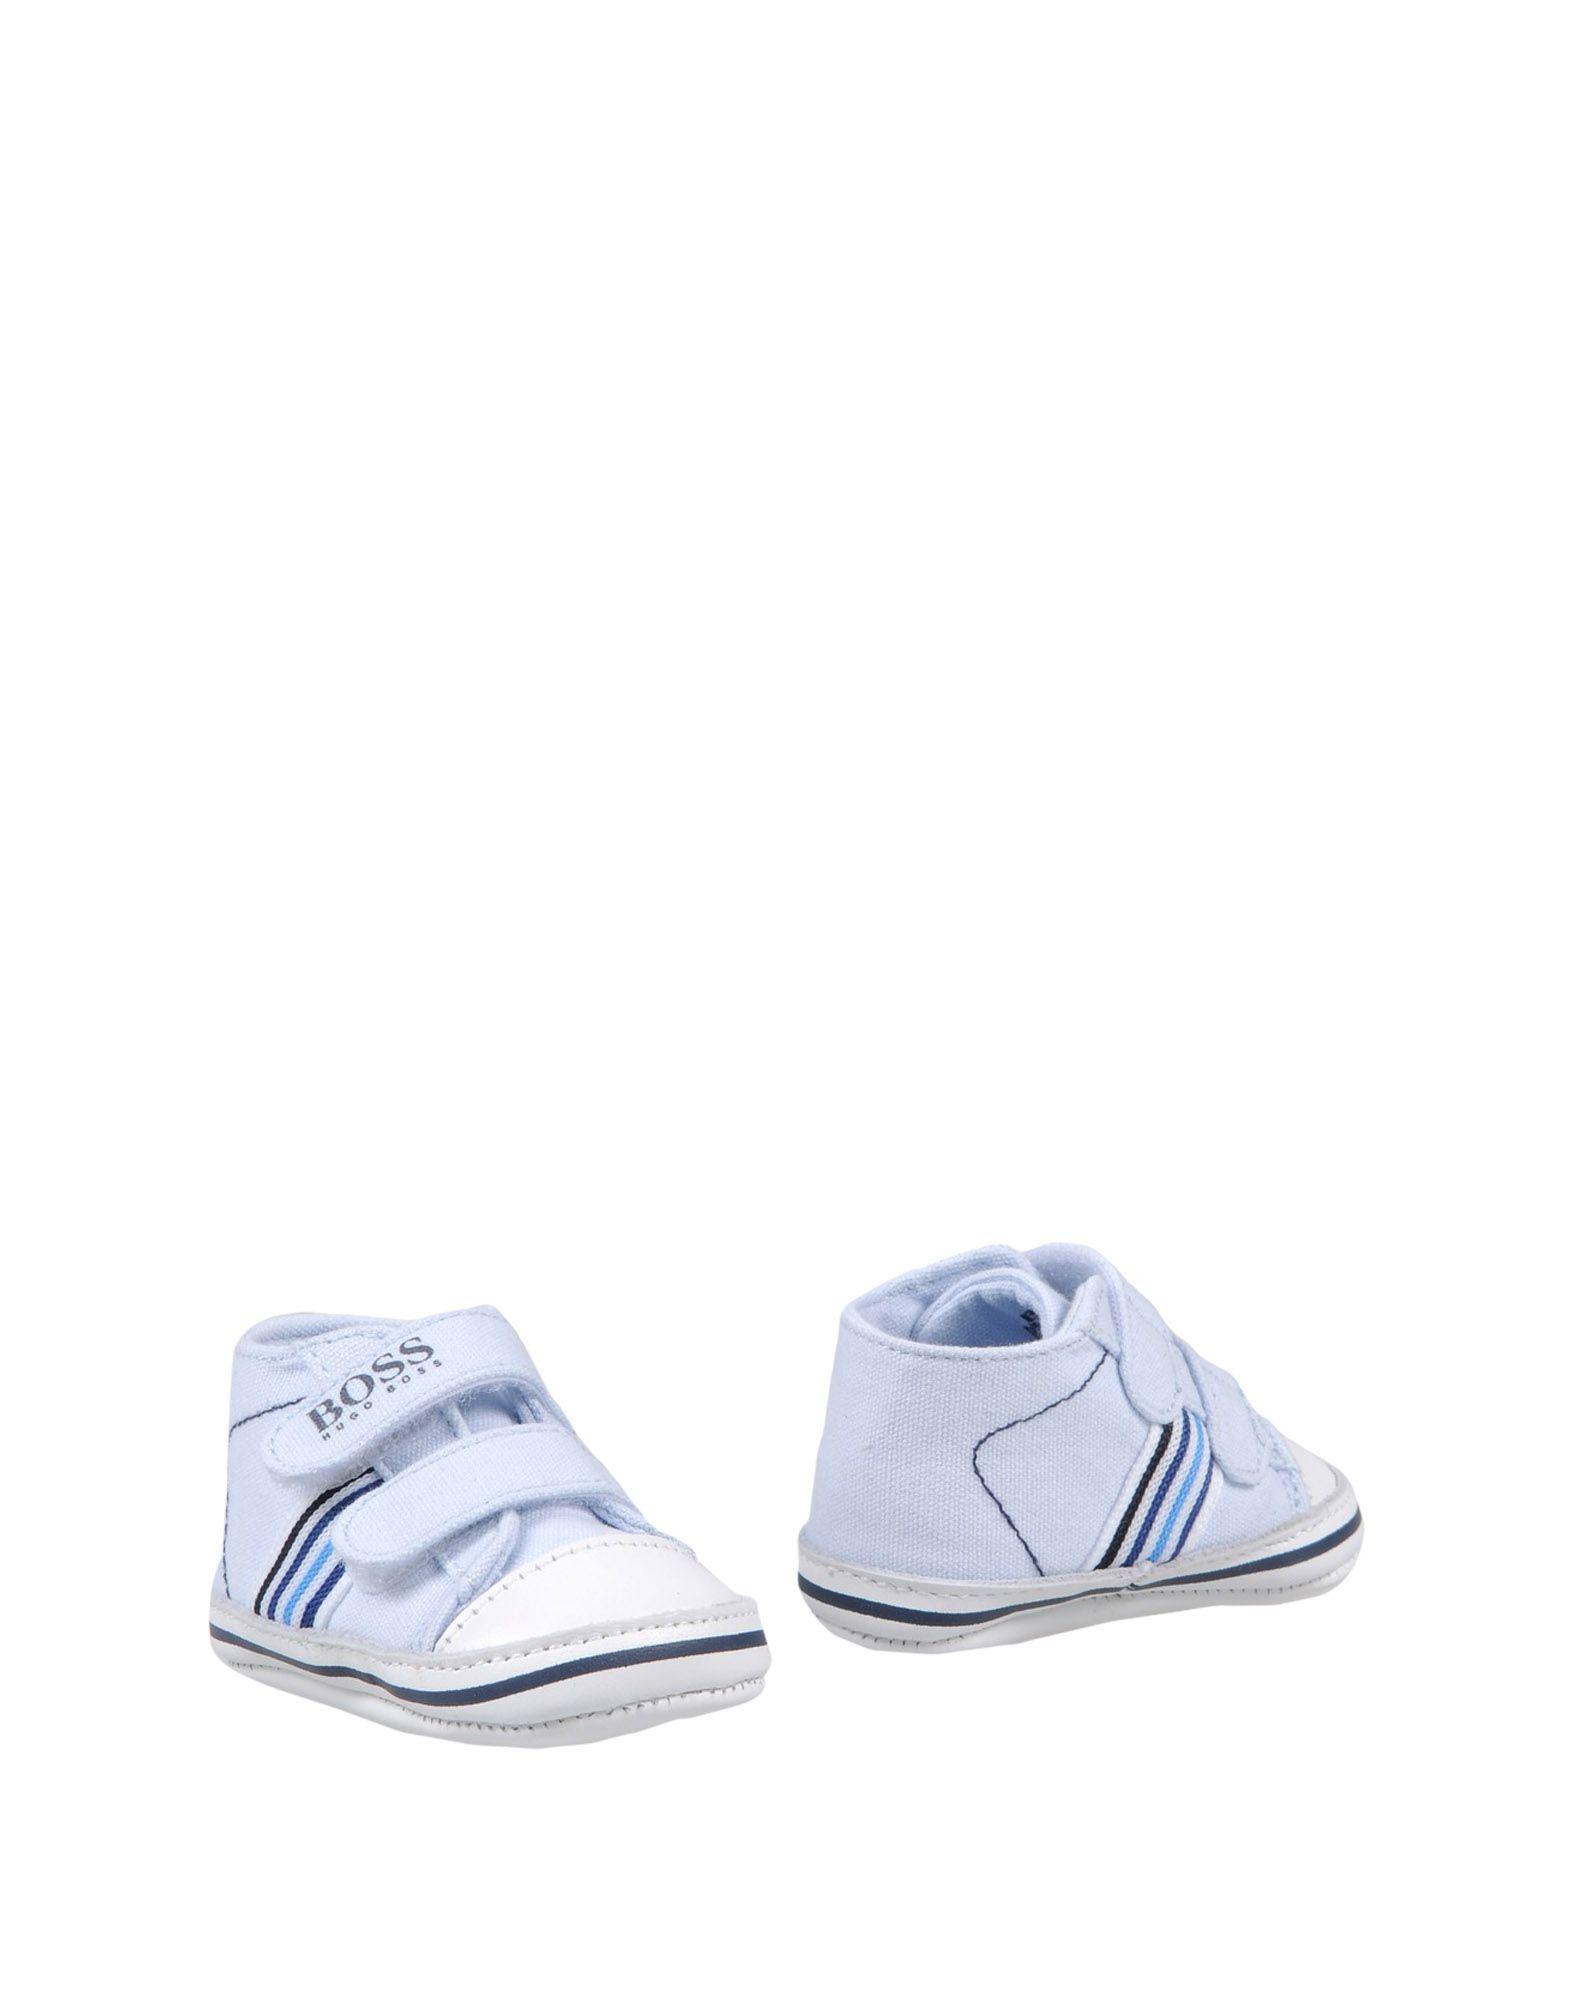 BOSS Обувь для новорожденных комбо для гитары boss katana mini